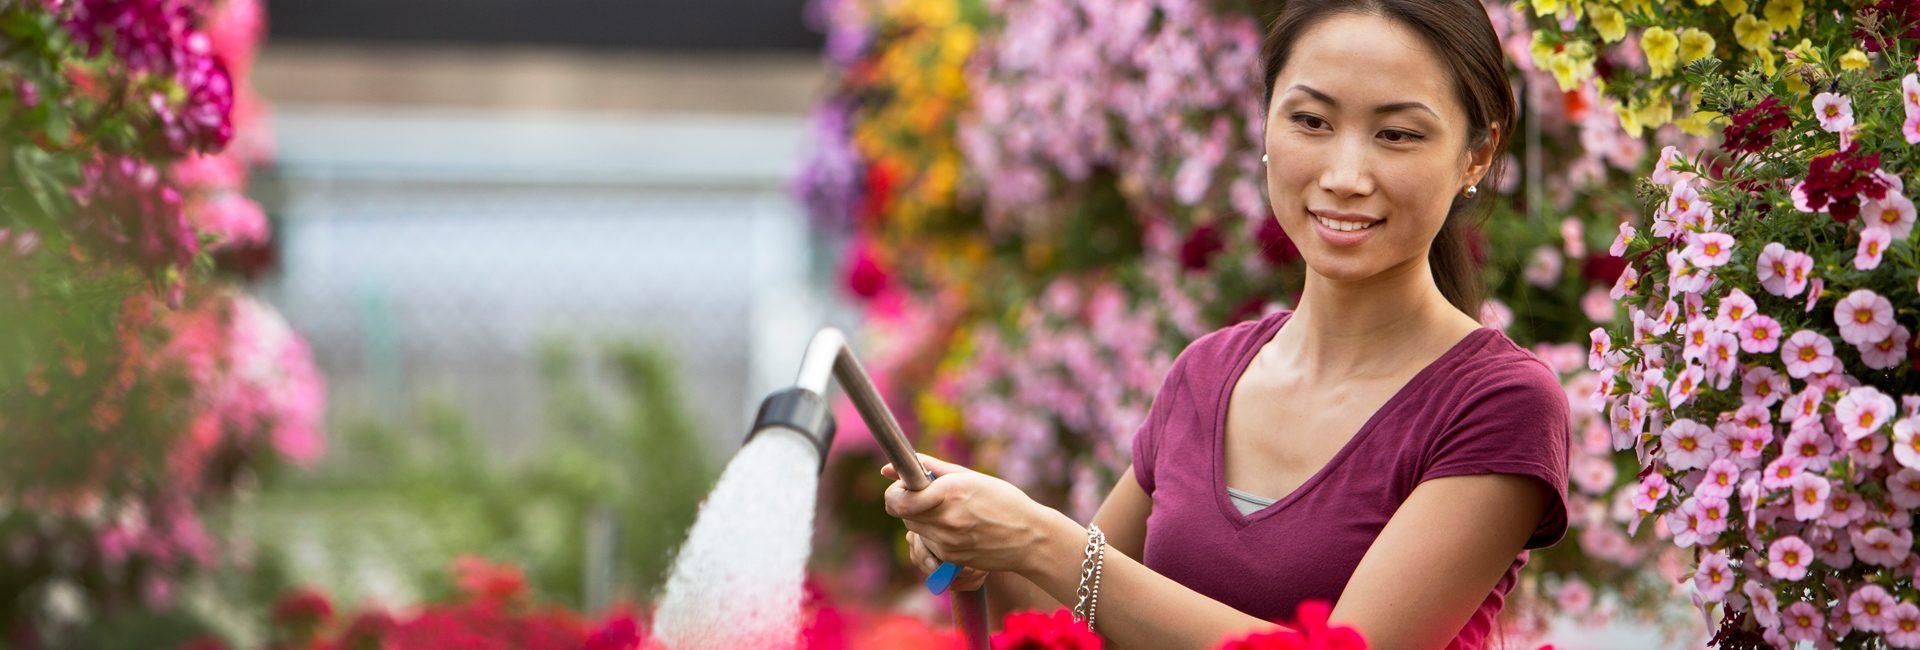 Home gardener watering plants